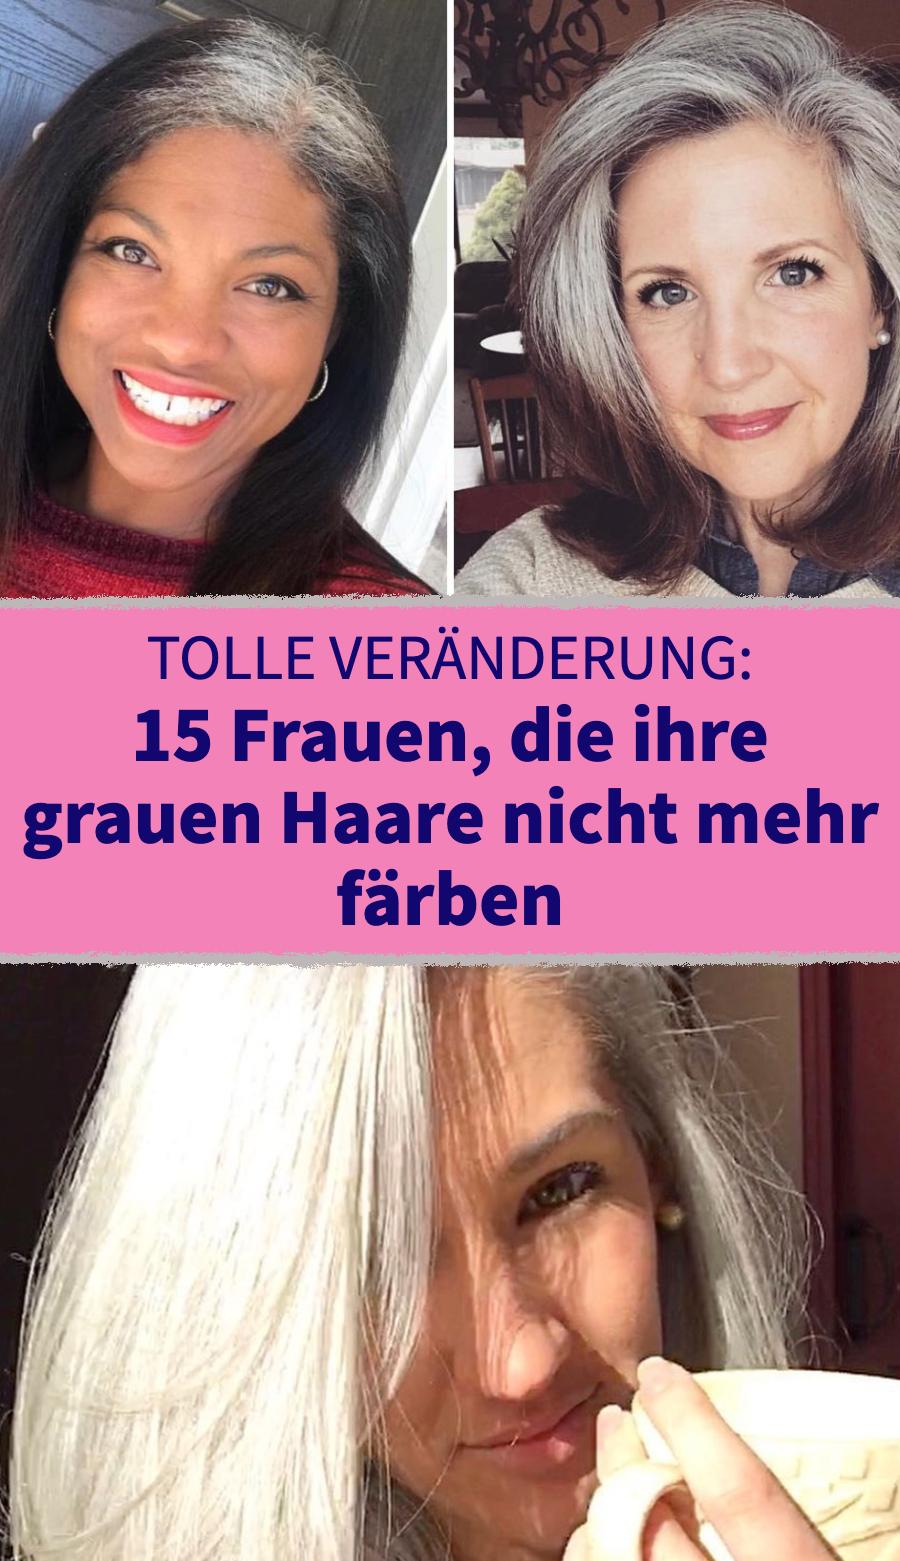 15 Frauen, die ihre grauen Haare nicht mehr färben #Haare